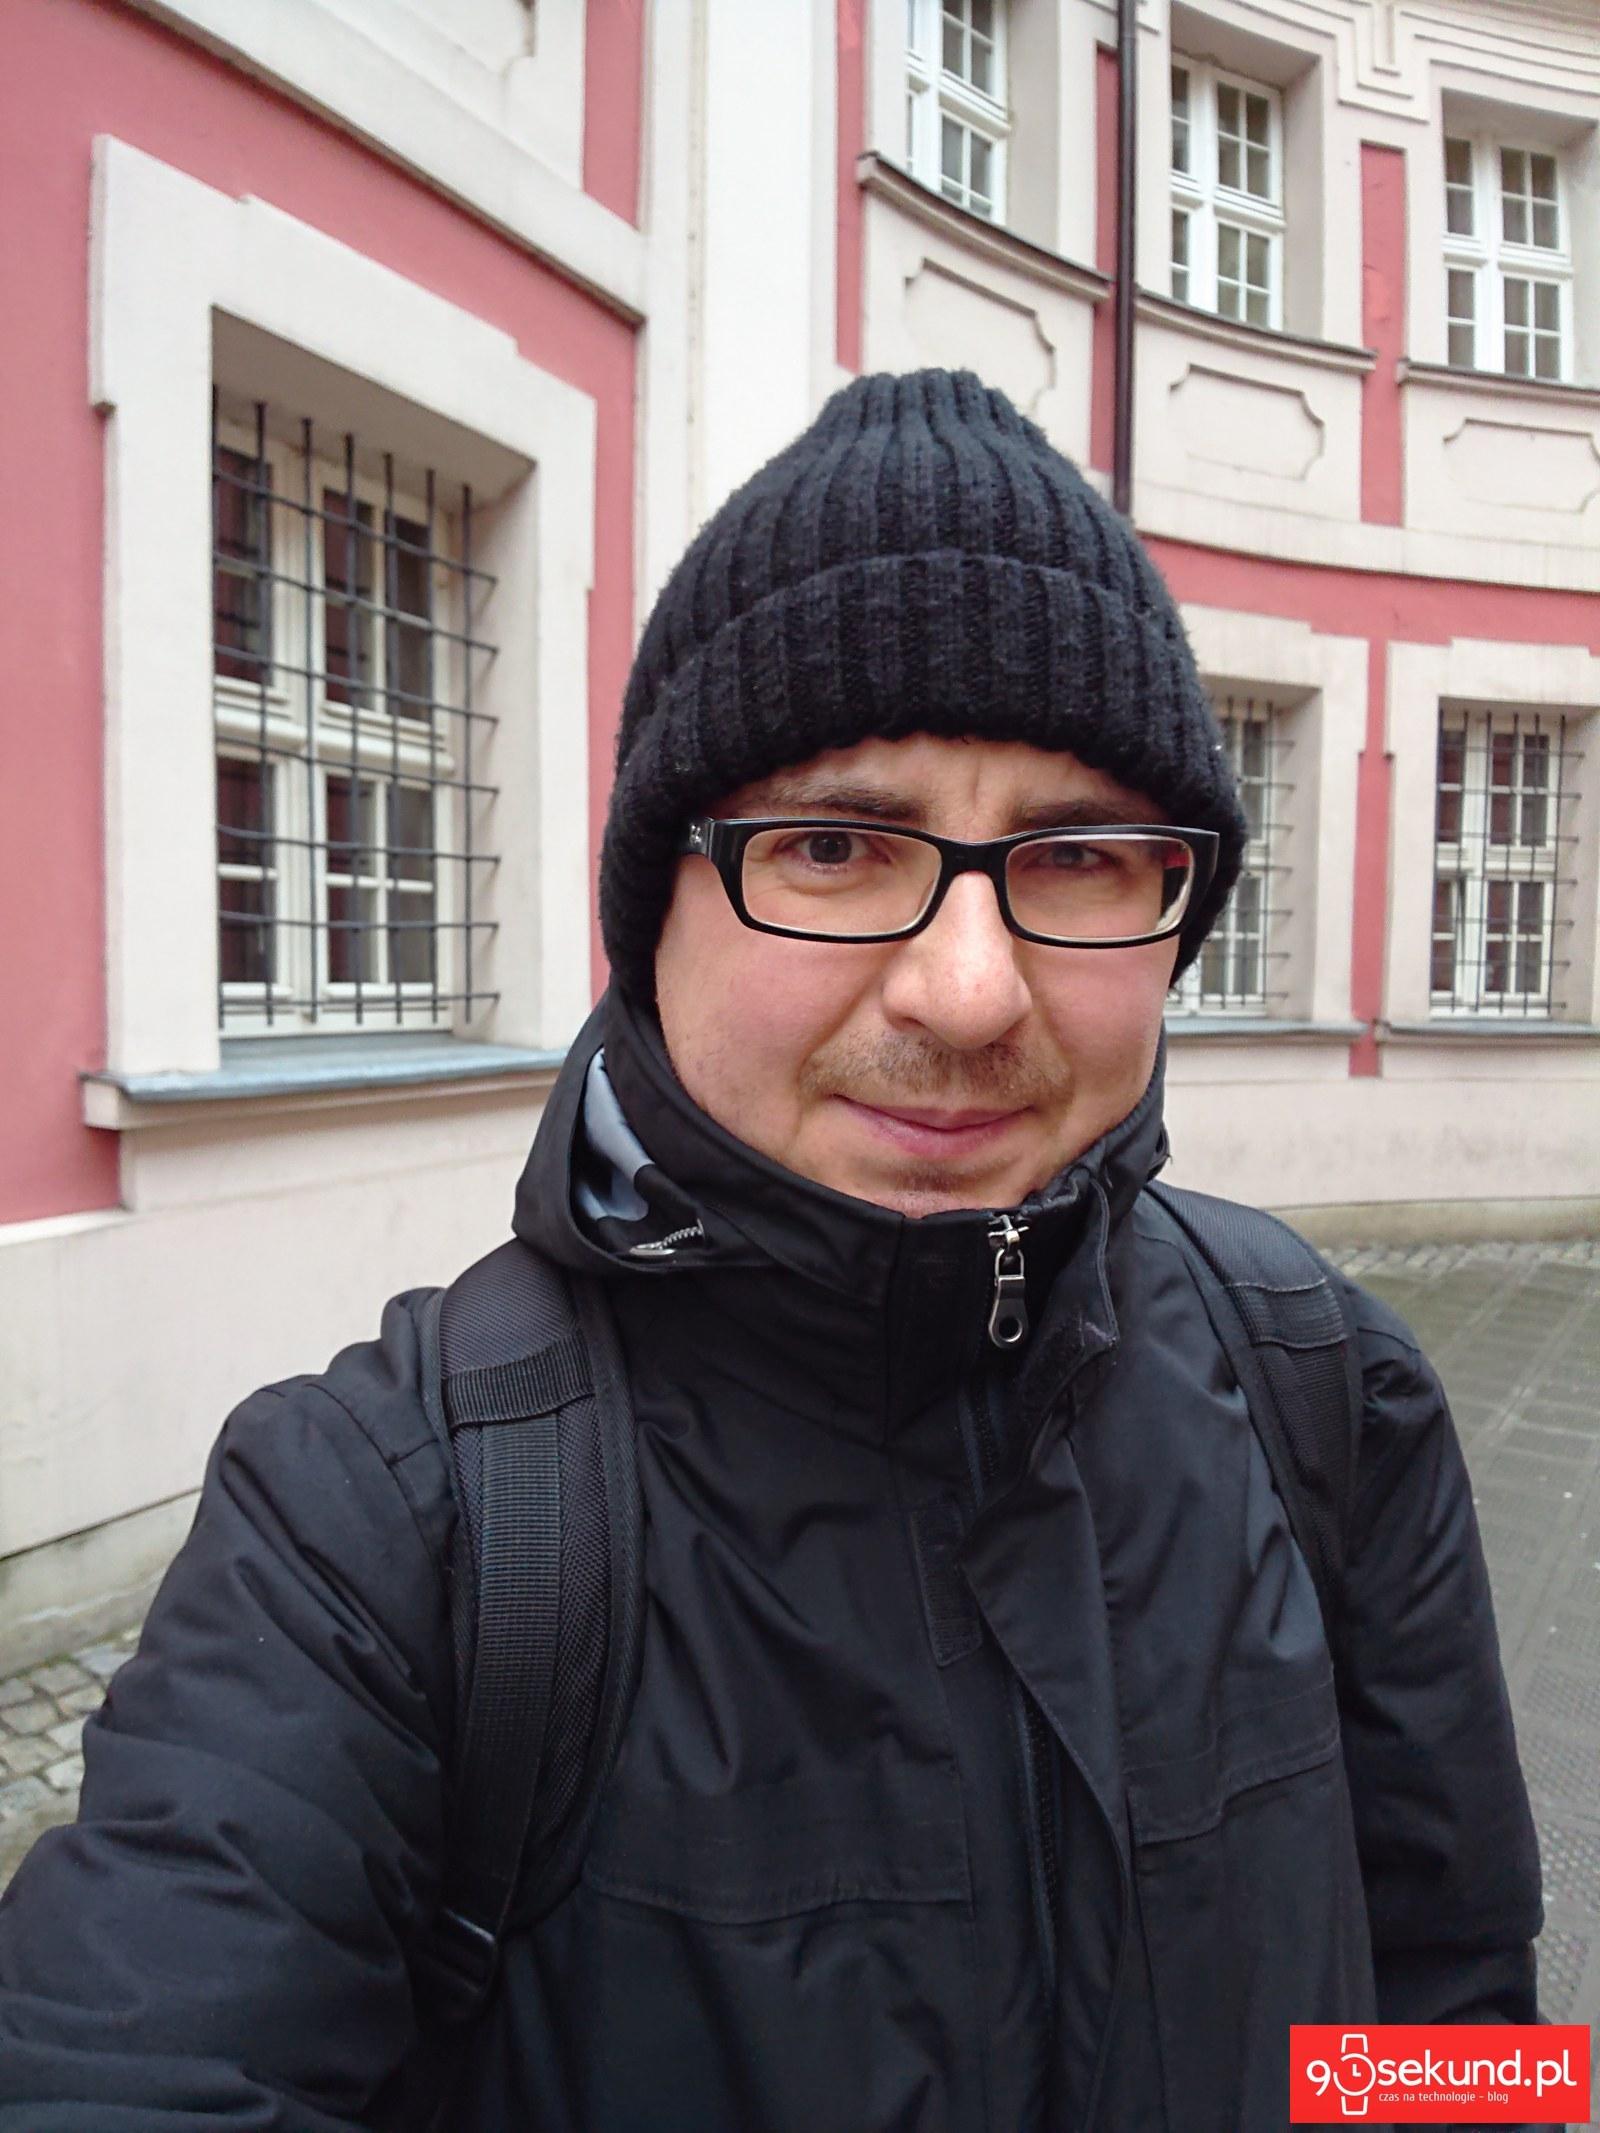 Selfie z Sony Xperia XZ3 - Michał Brożyński 90sekund.pl